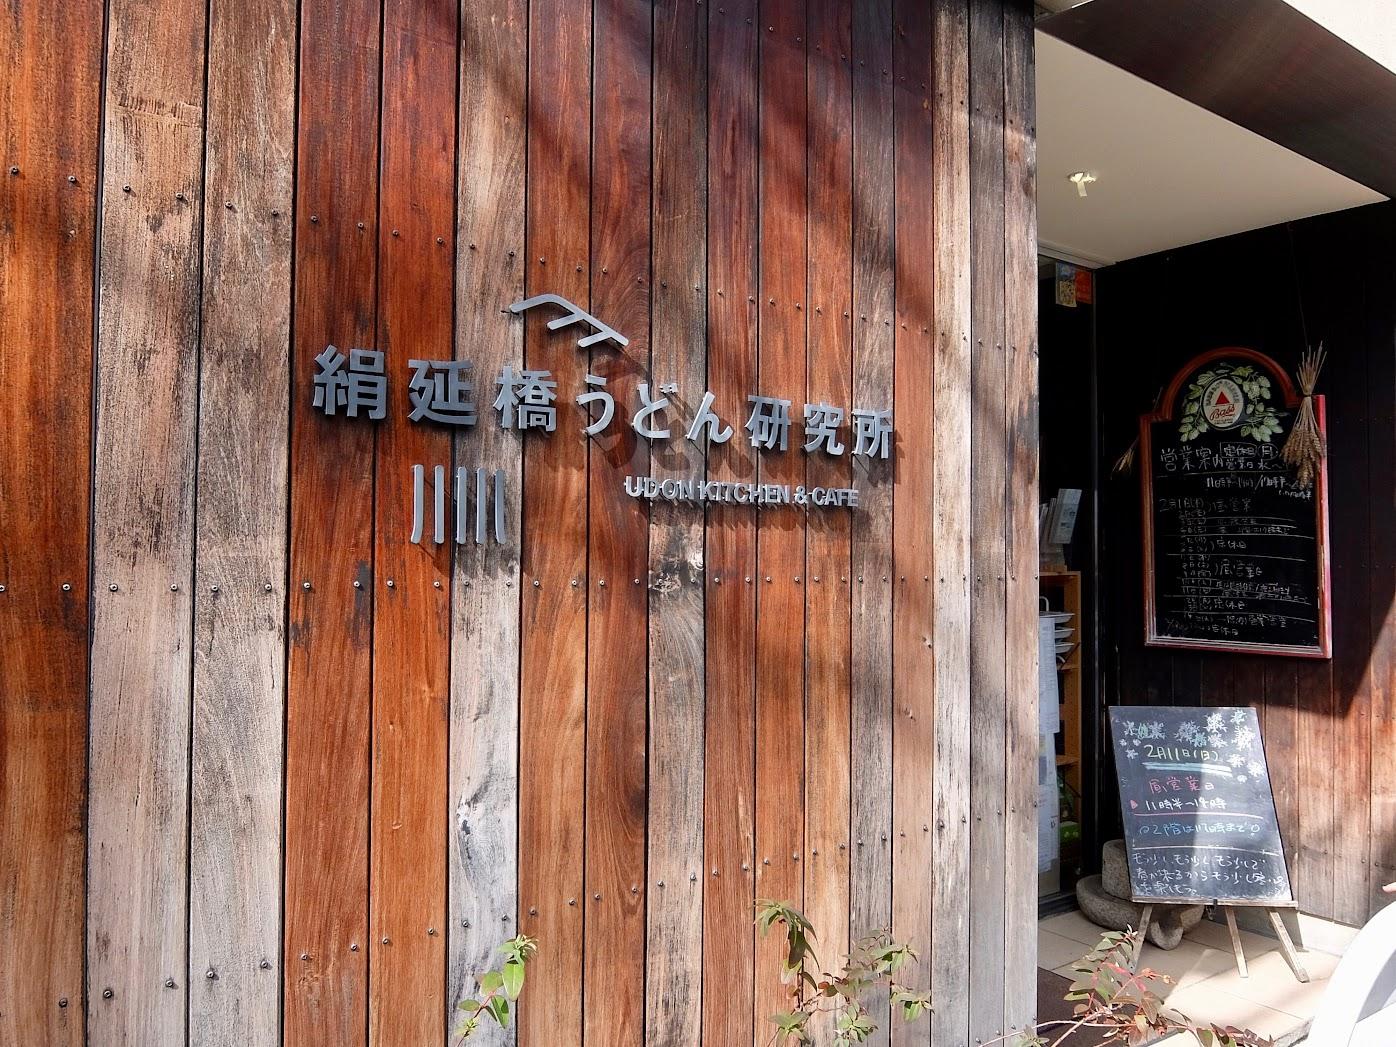 Kinunobebashi Udon Kitchen & Café